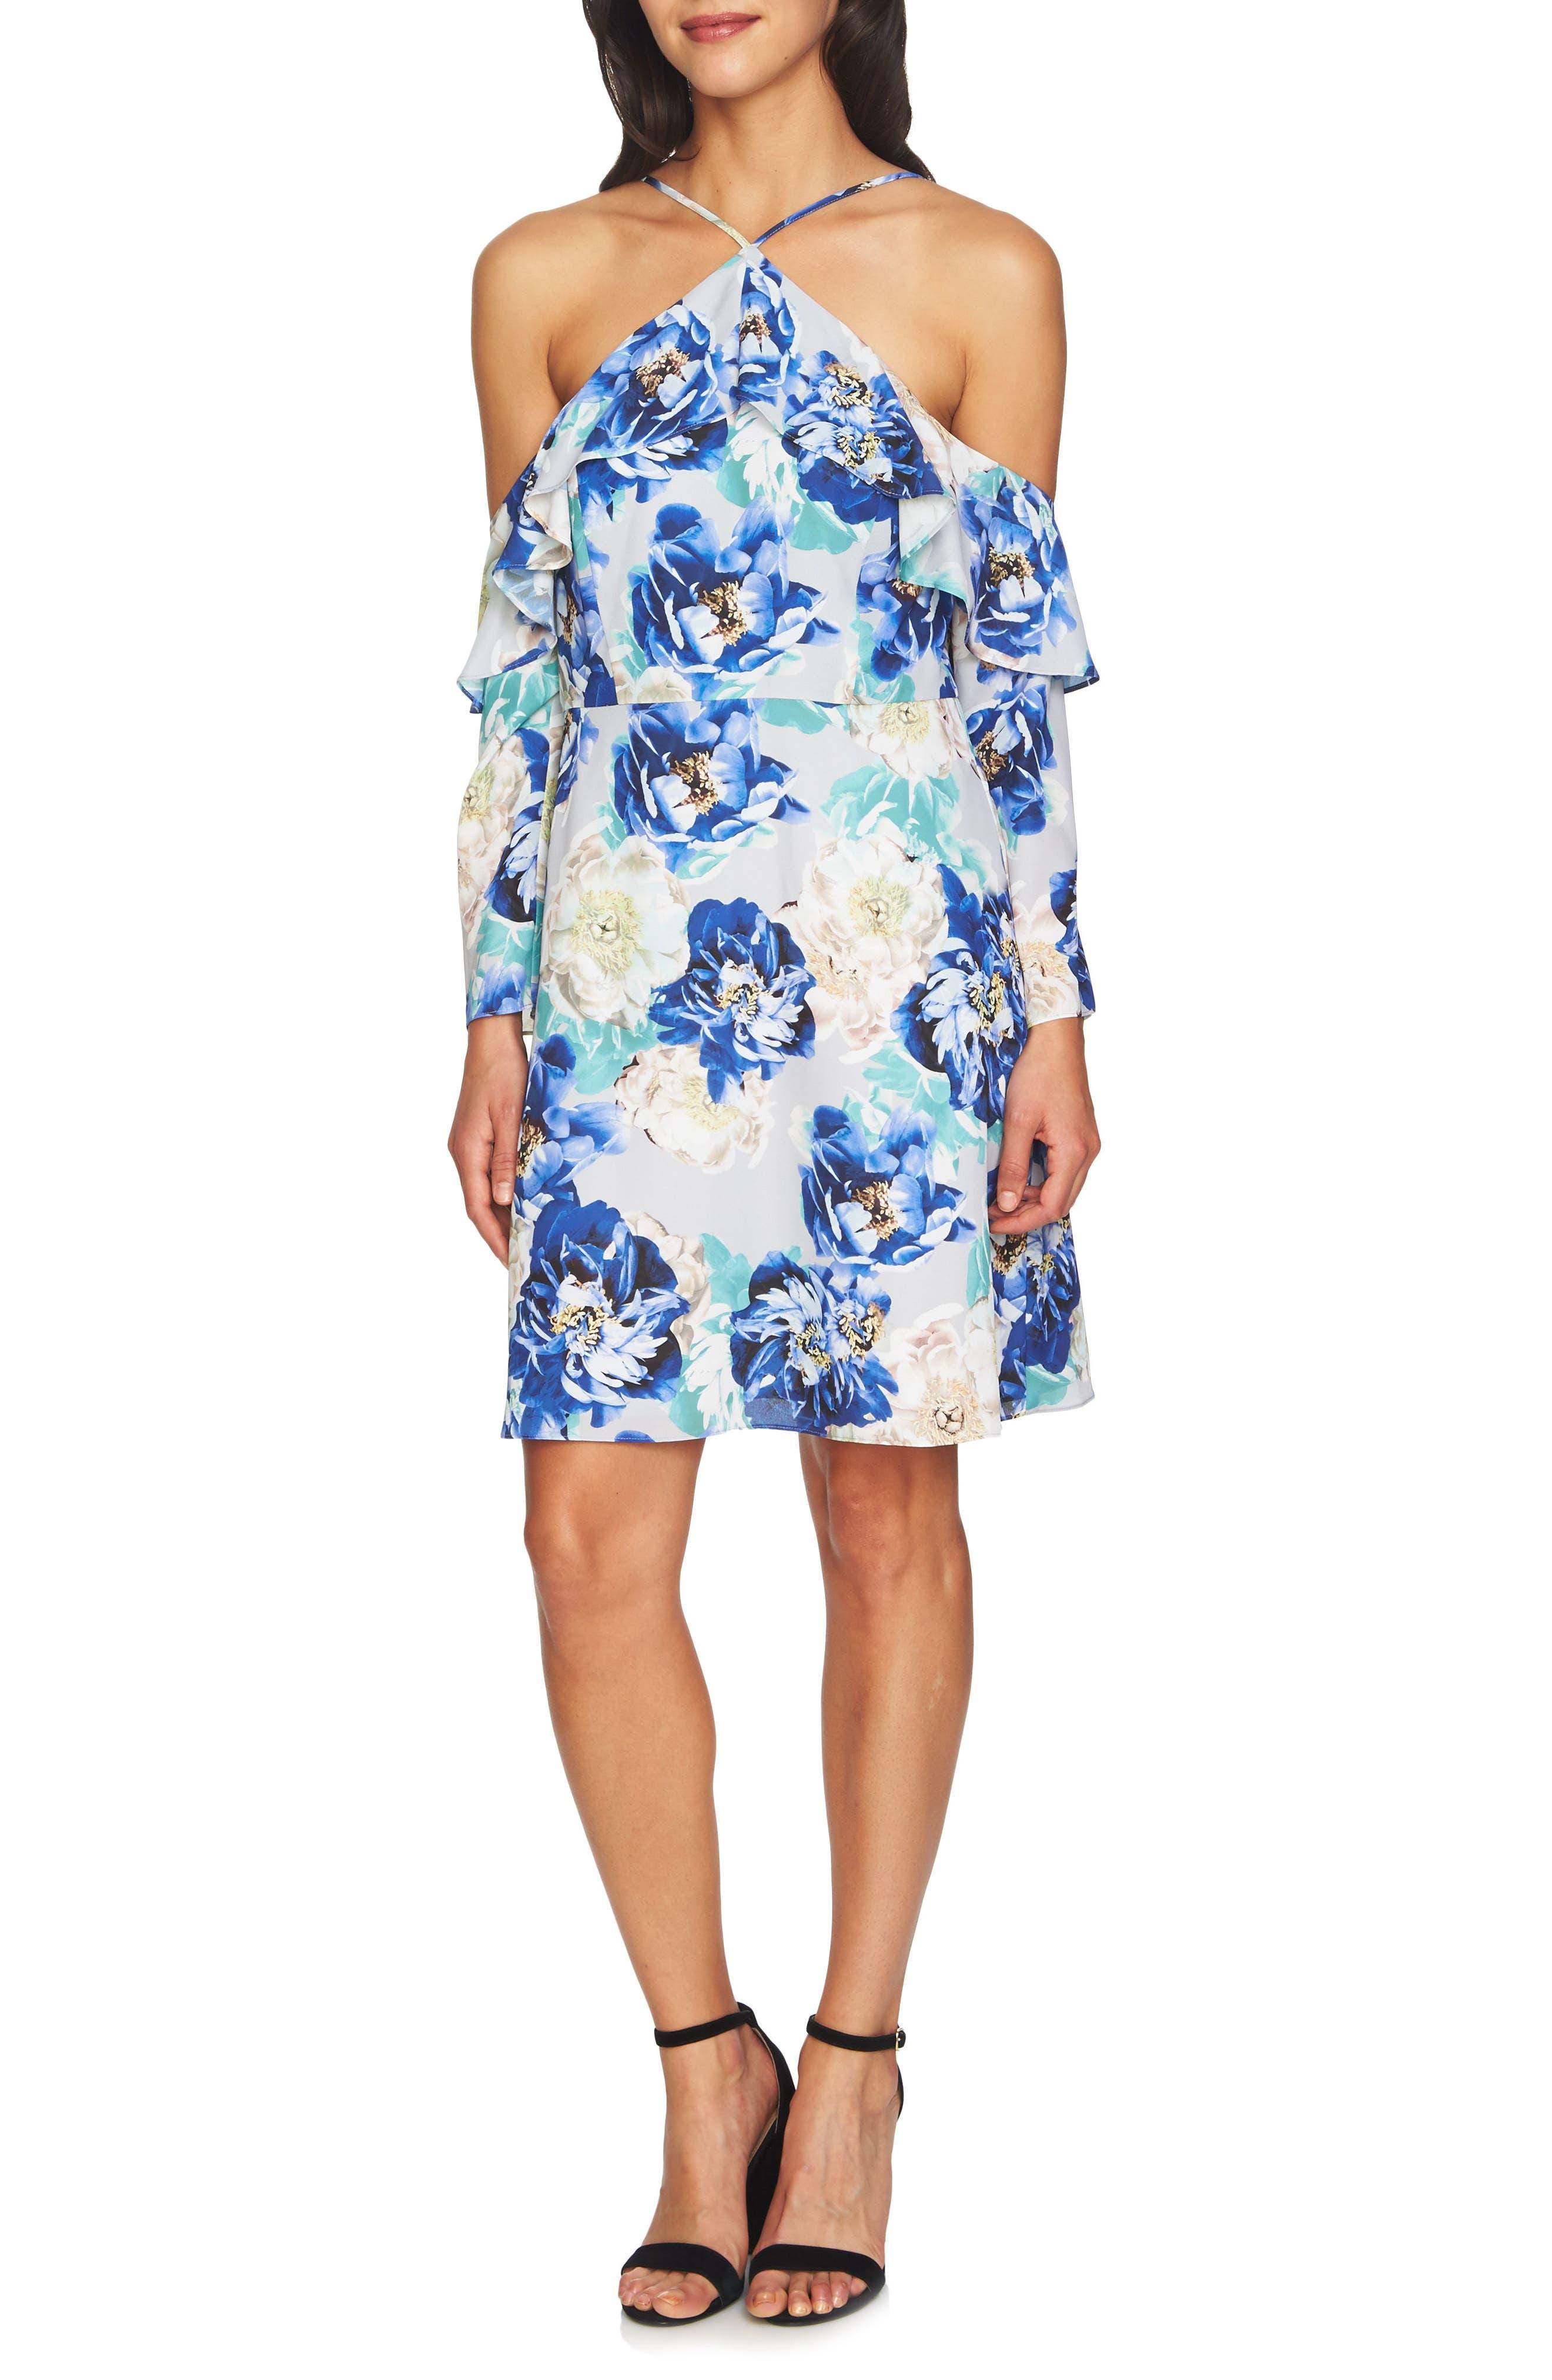 Alternate Image 1 Selected - CeCe Iris Cold Shoulder Halter Dress